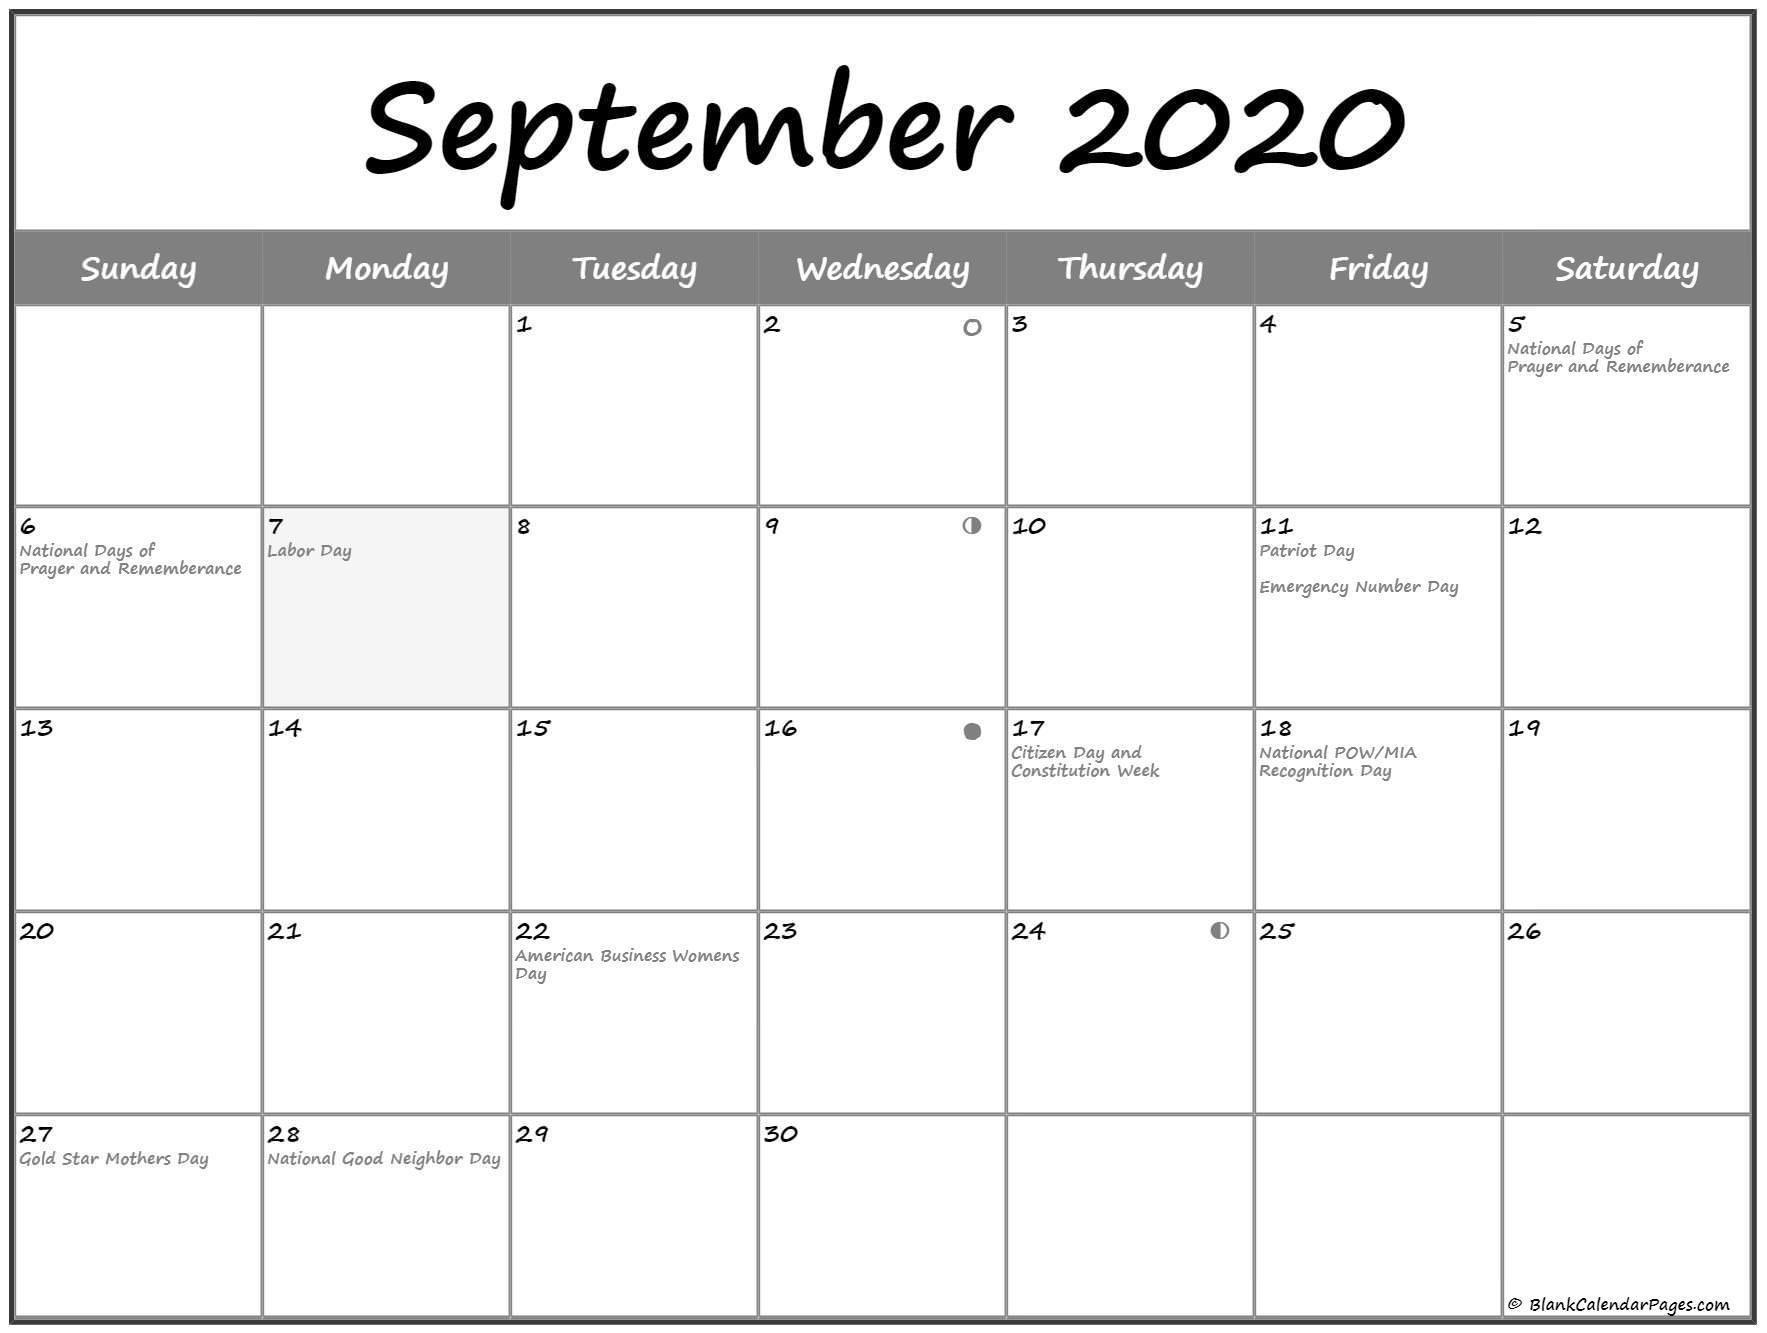 September 2020 Lunar Calendar   Moon Phase Calendar March 2020 Lunar Calendar